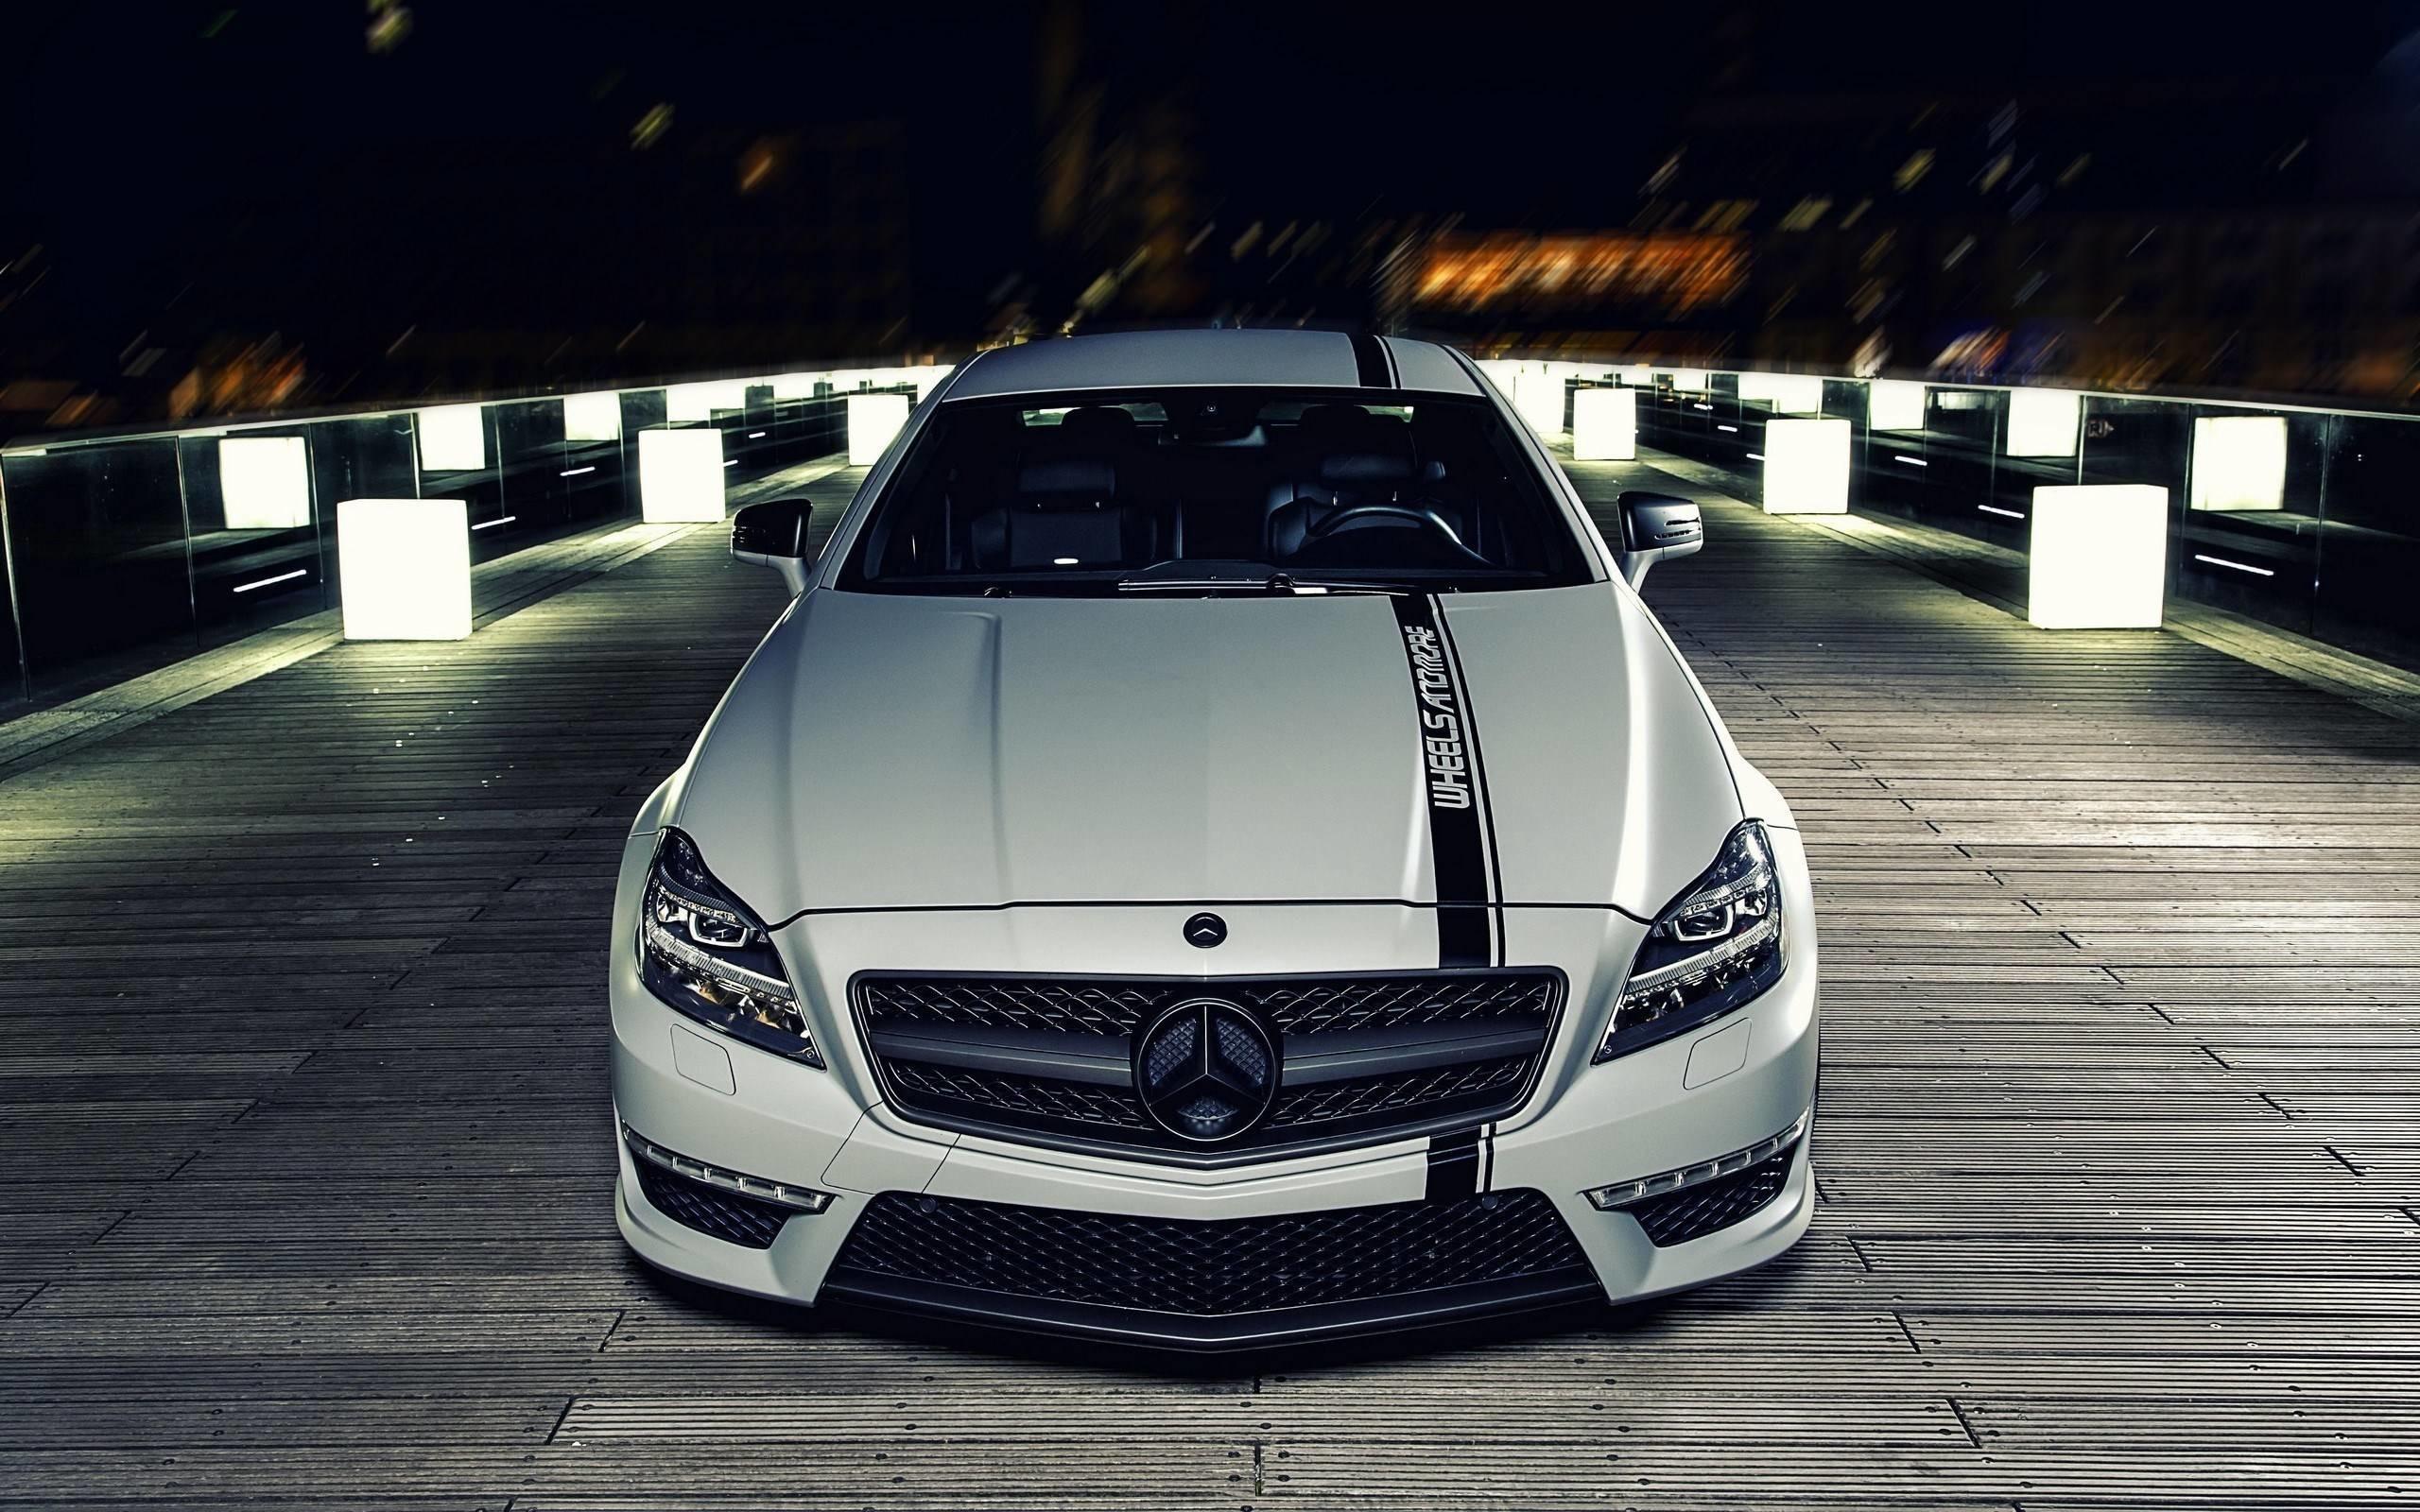 Mercedes Benz Amg Wallpaper Wallpapertag